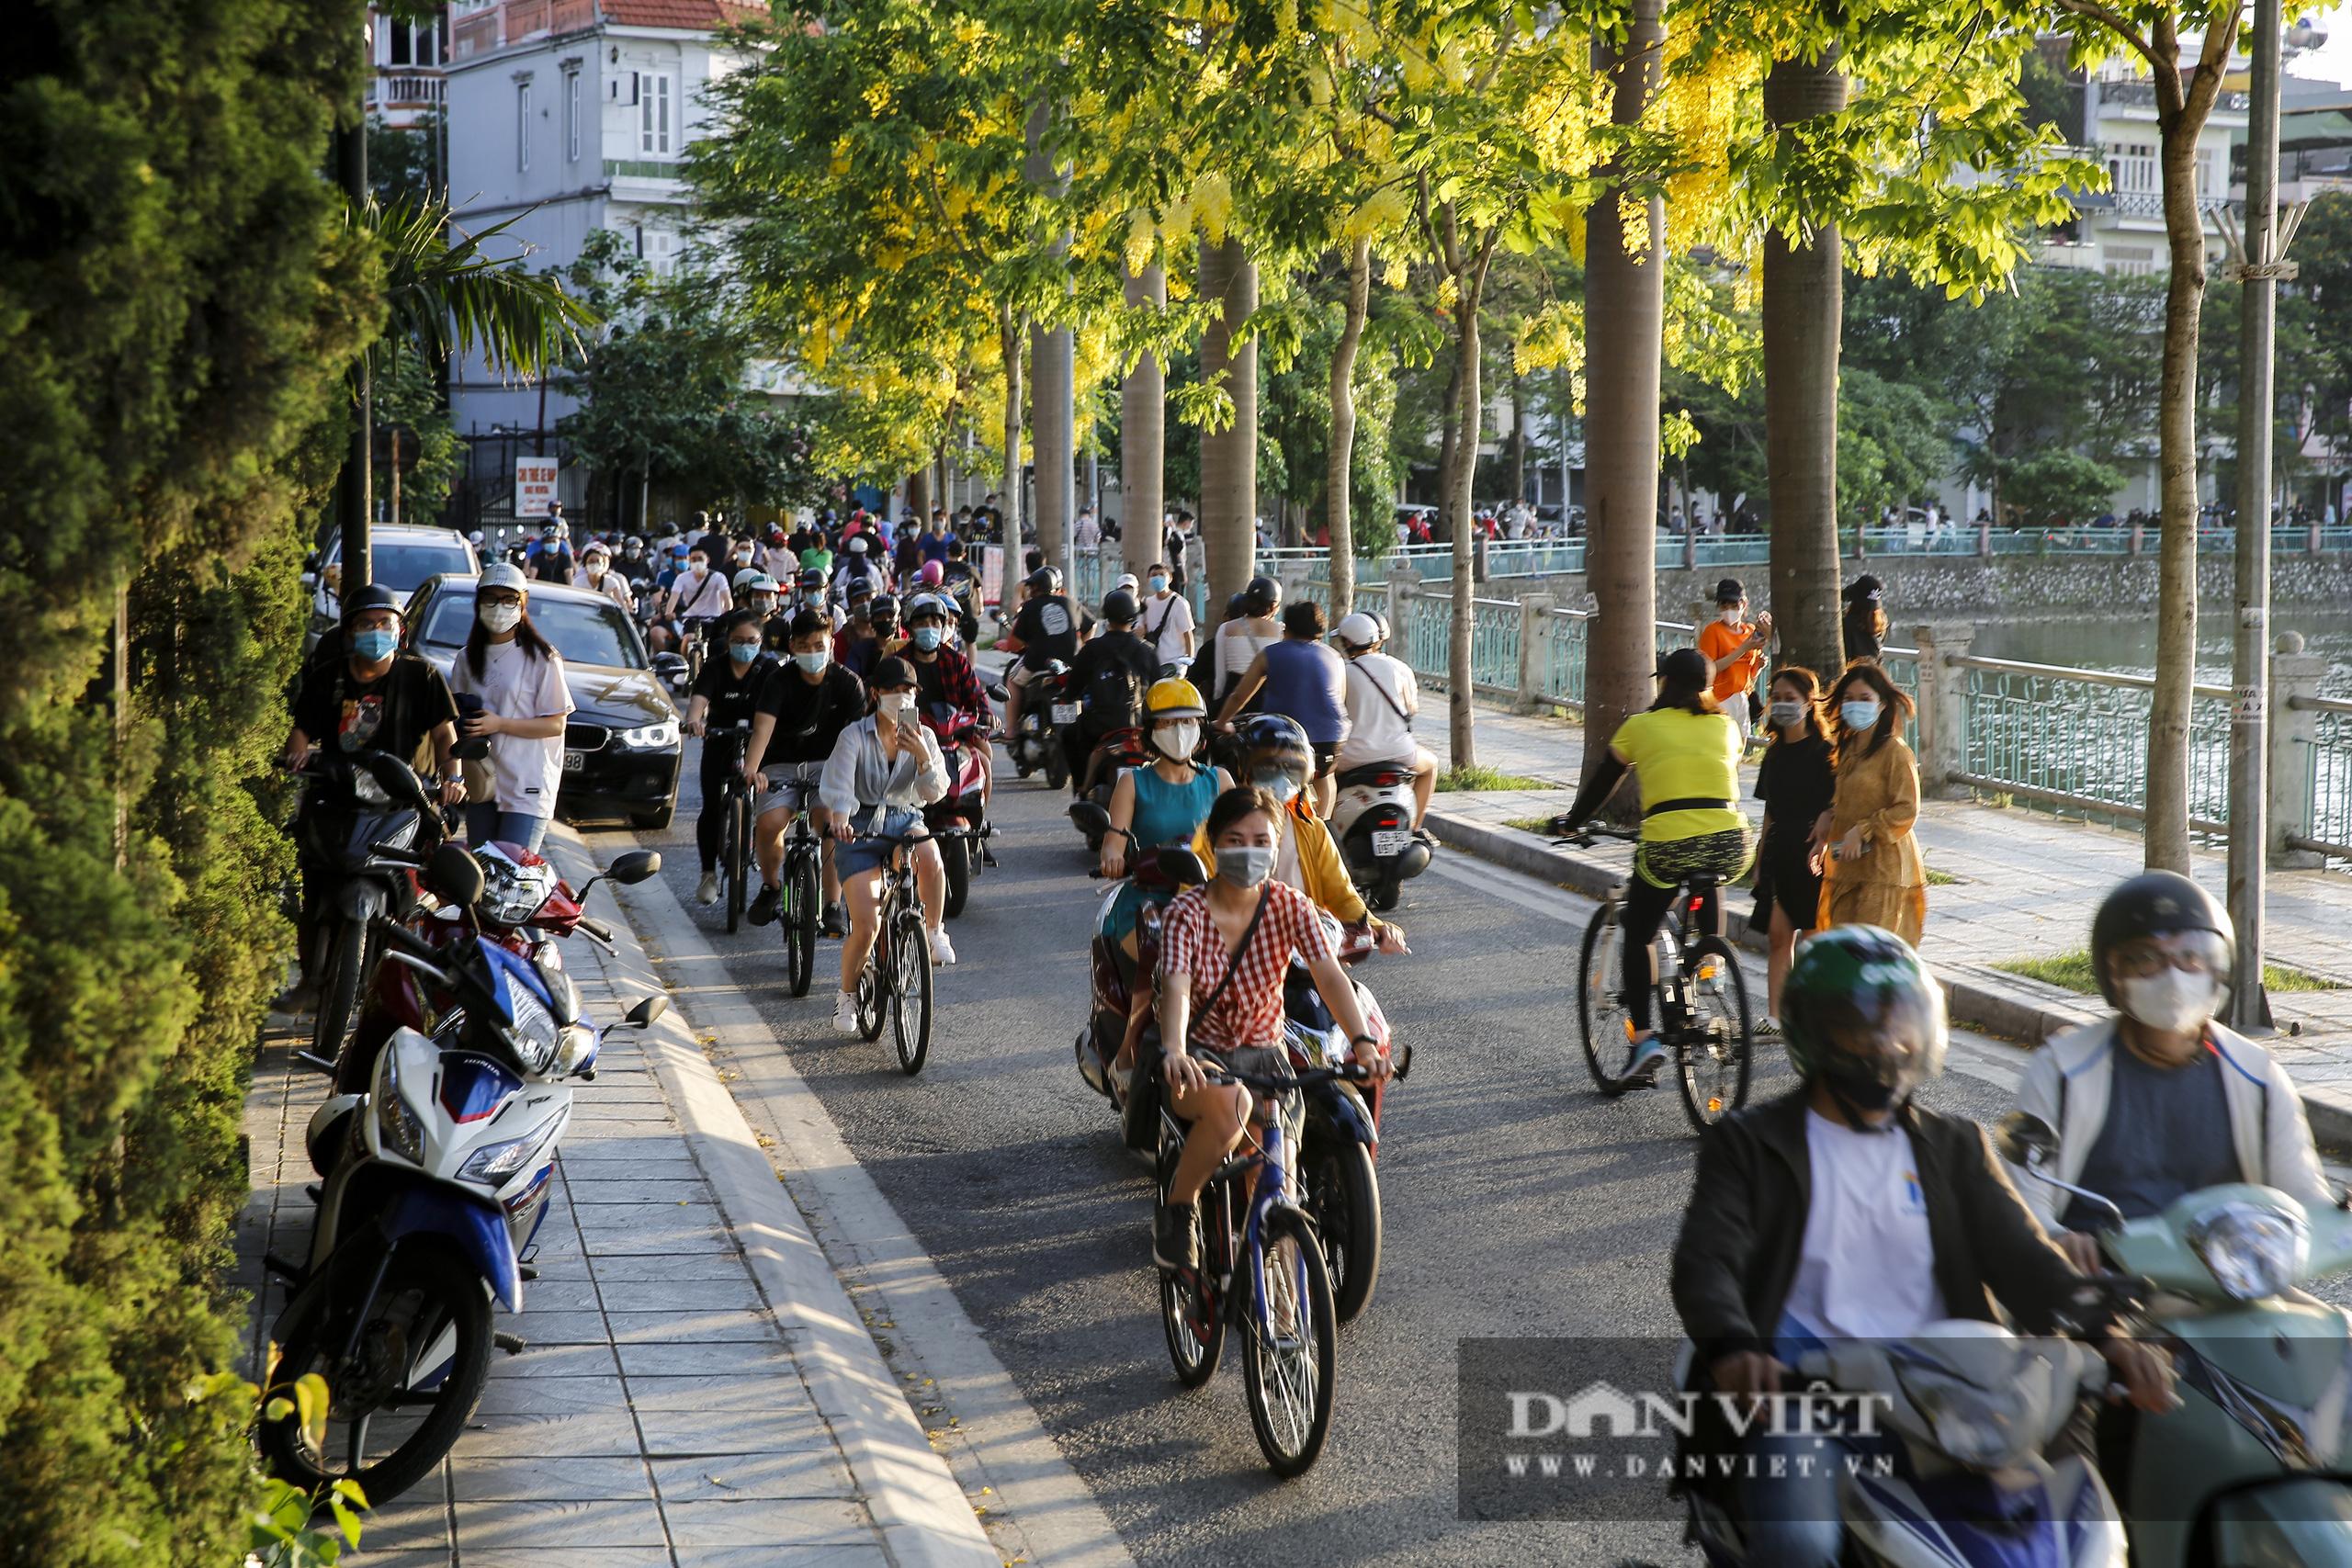 Công an lập chốt chặn, hồ Tây vẫn đông nghịt người đạp xe, tập thể dục - Ảnh 4.